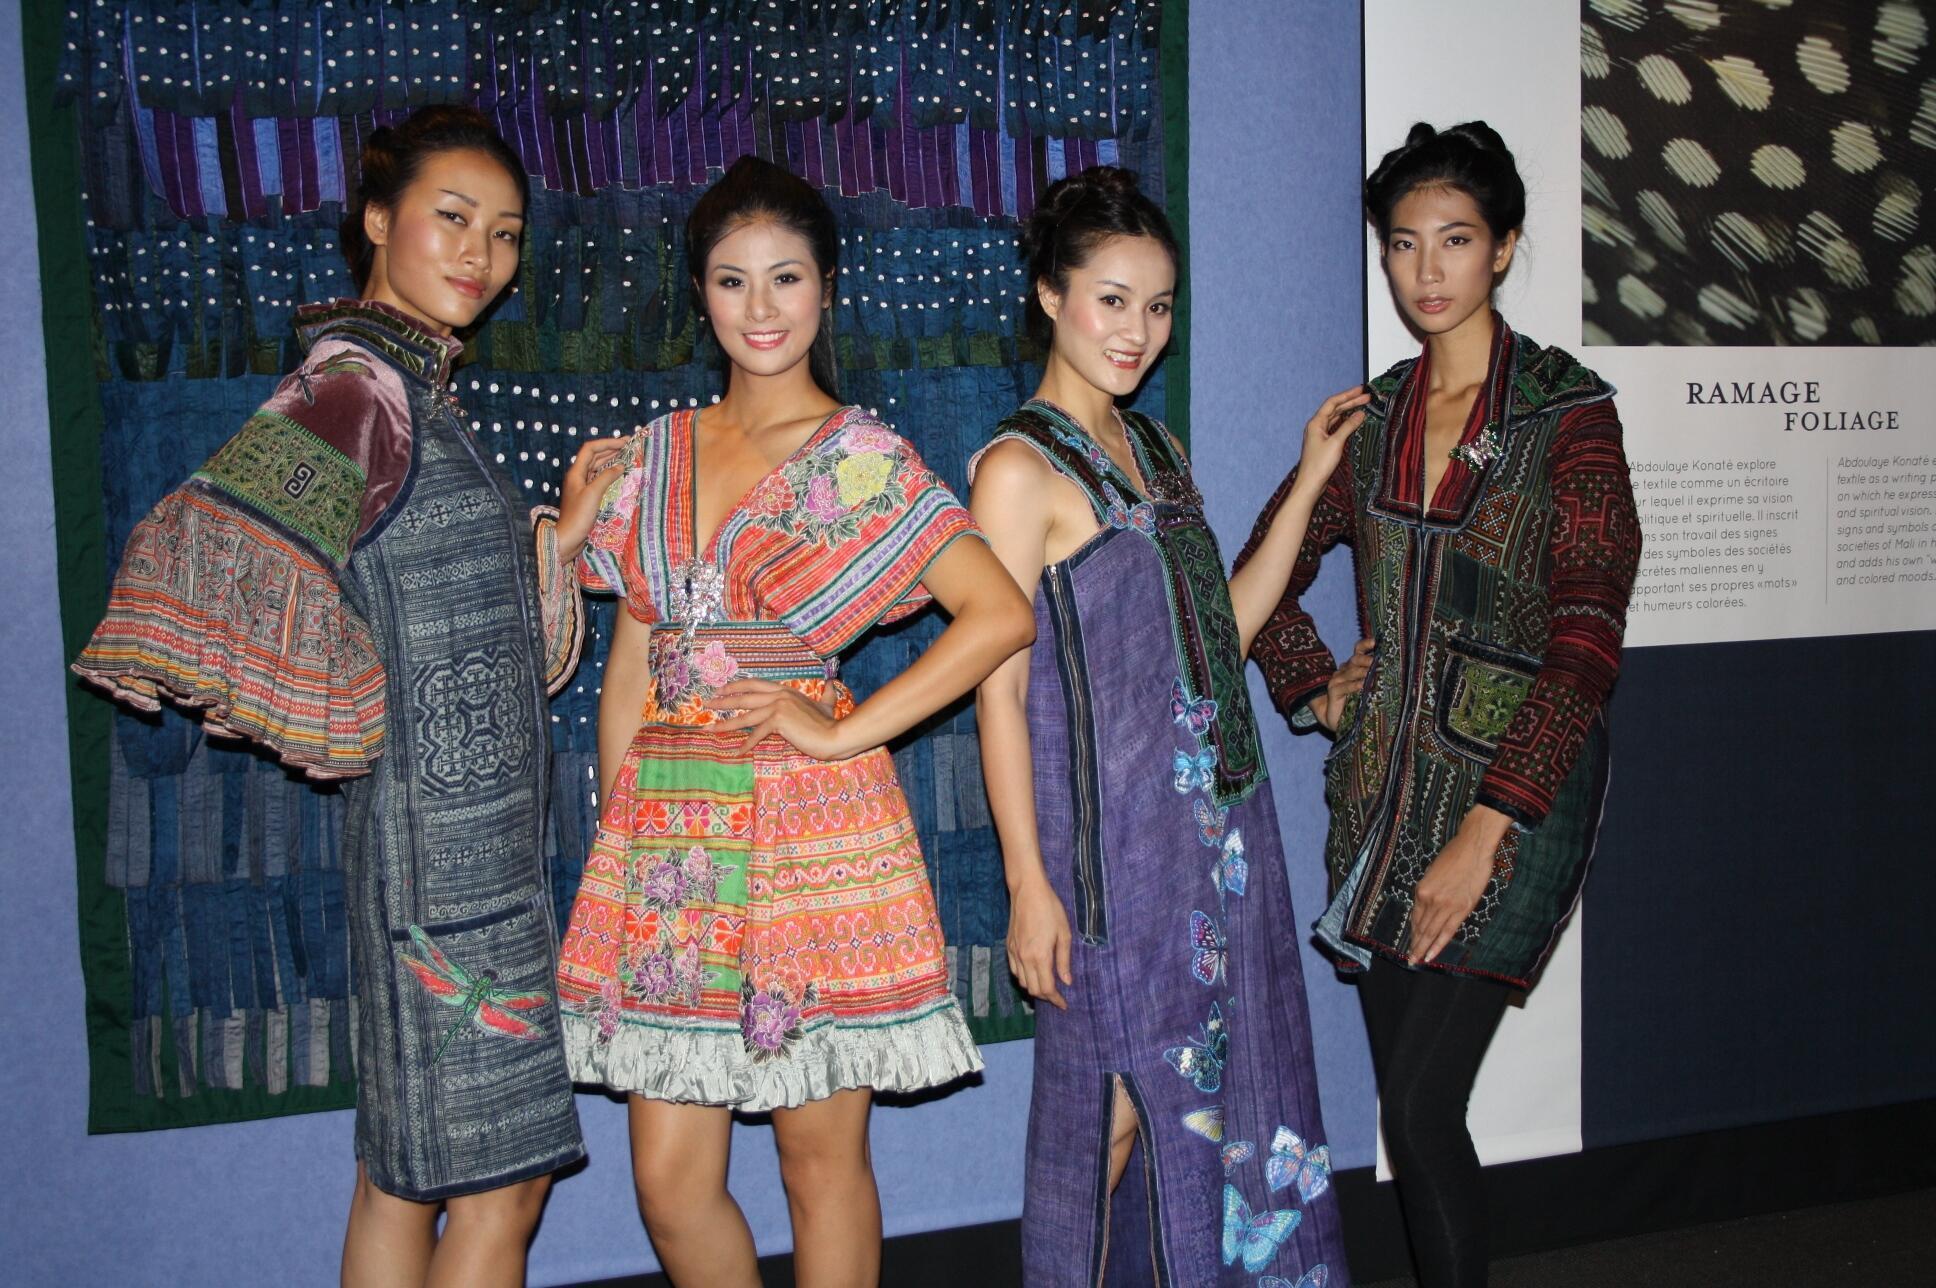 Bốn người mẫu Huyền Trang, Ngọc Hân, Phương Liên và Phạm Trang biểu diễn trang phục của nhà thiết kế Minh Hạnh tại Festival Clermont-Ferrand trong hai ngày 13 và 15/09/2012